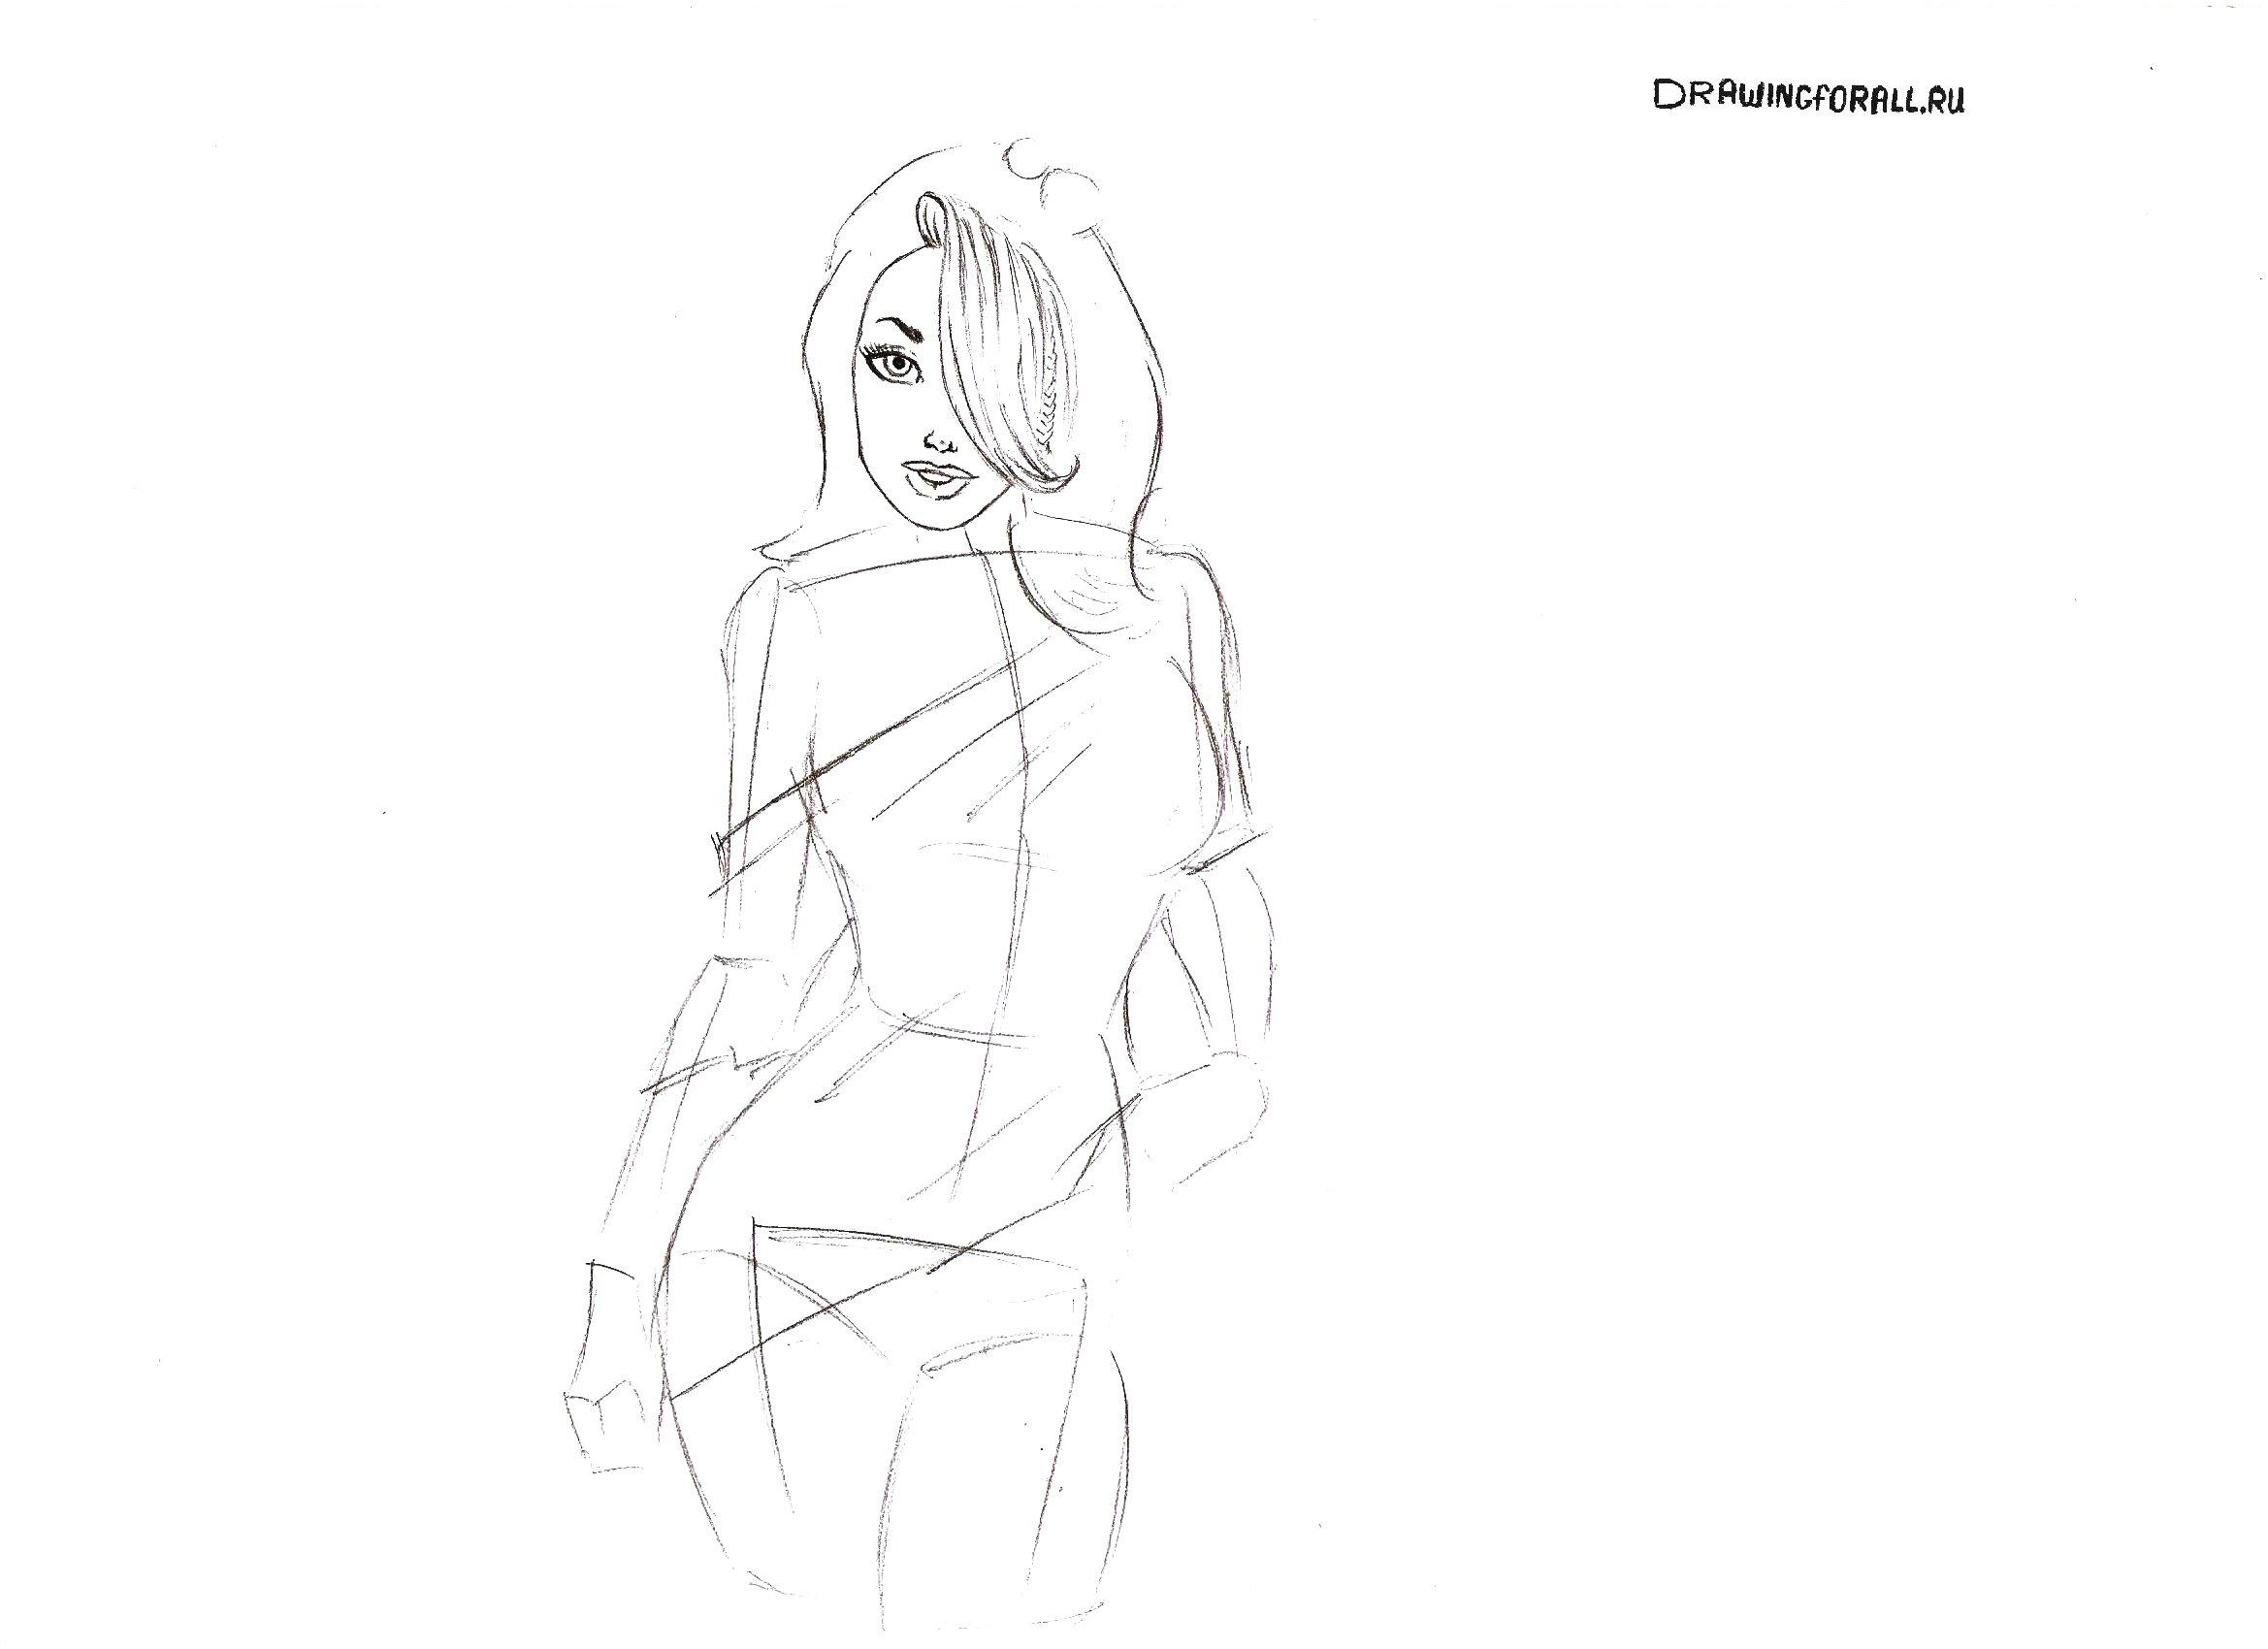 как нарисовать человека девушку